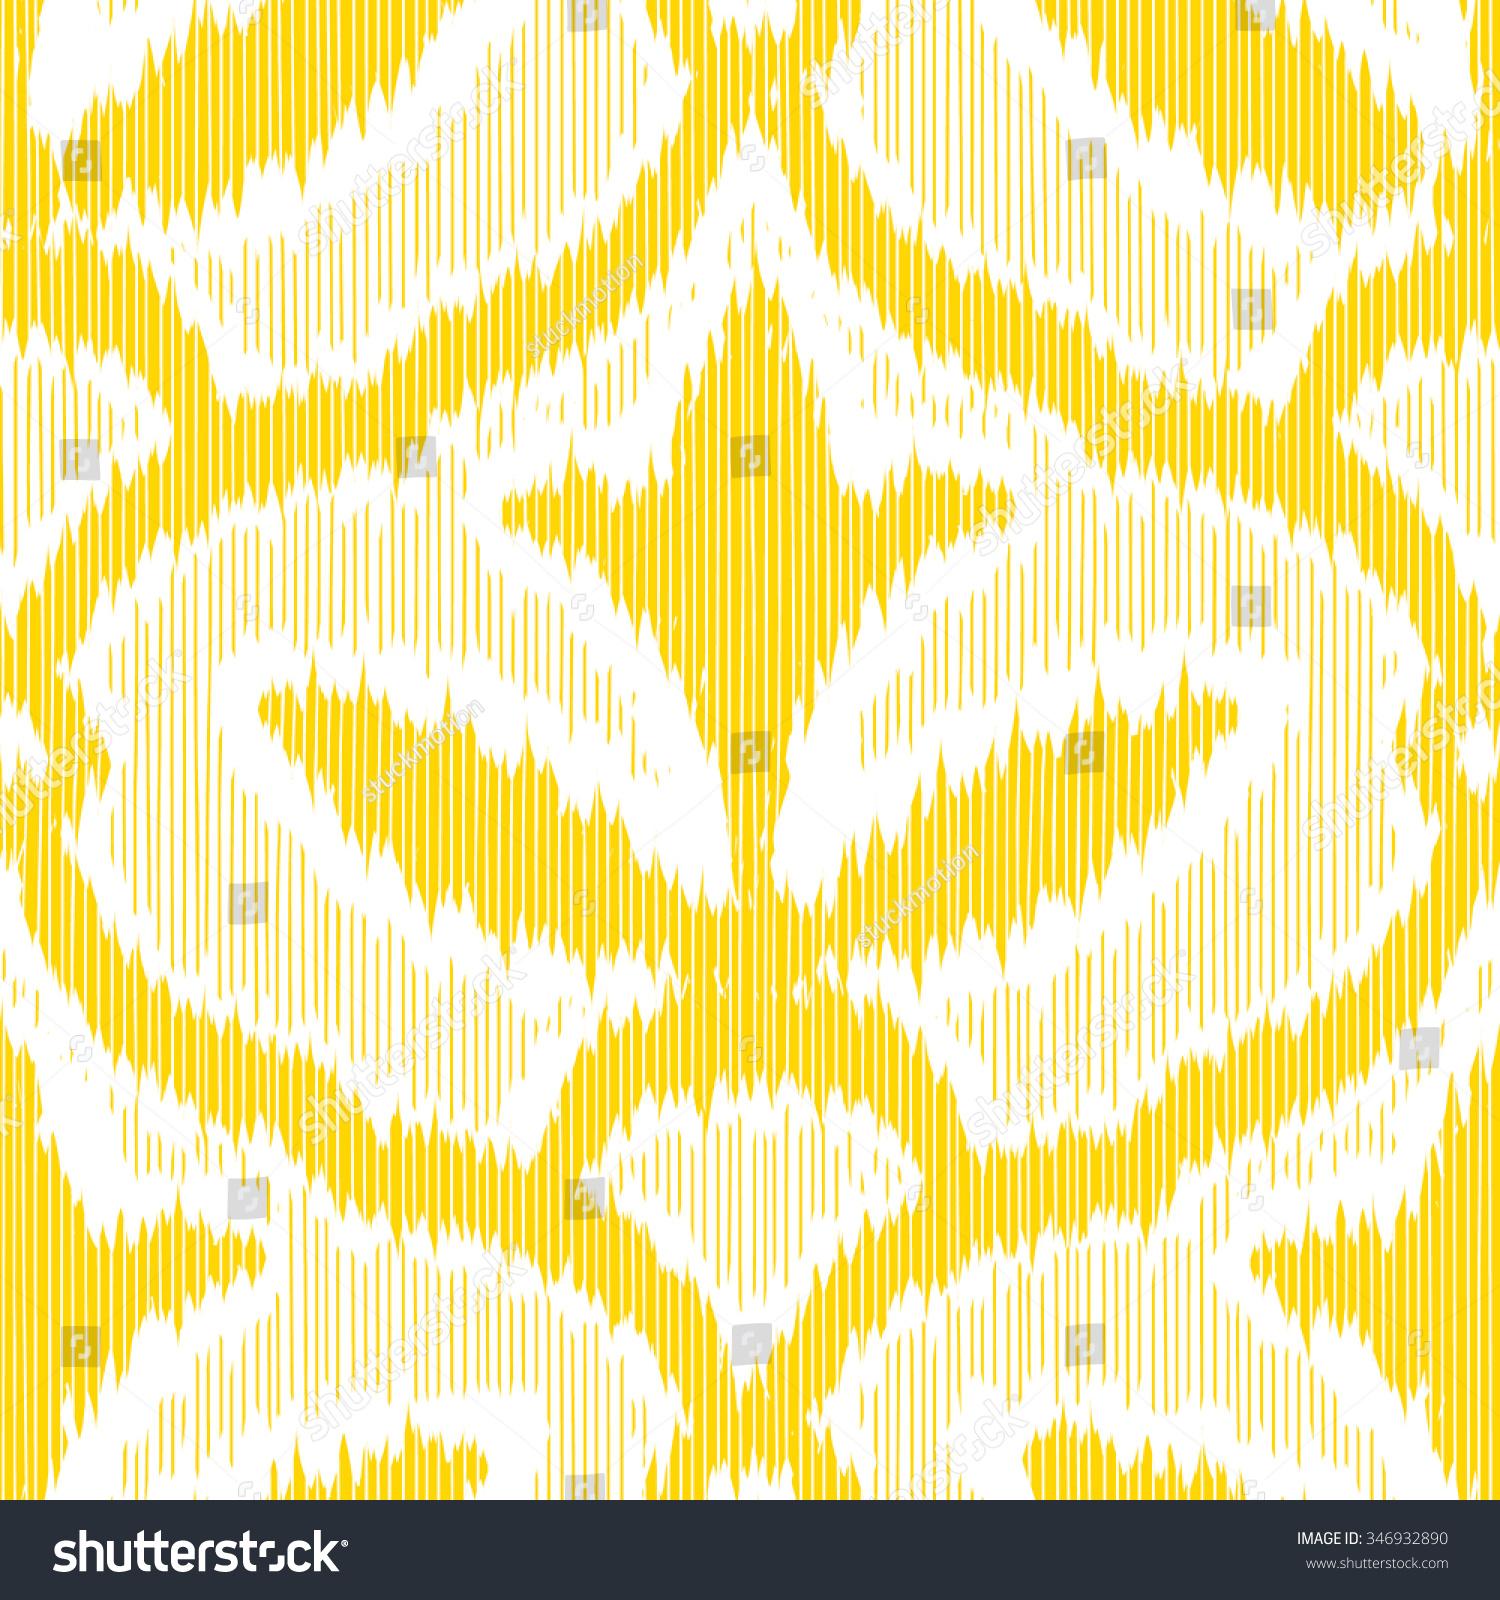 仿中世纪法国模式无缝背景瓦伊卡特织物-背景/素材图片